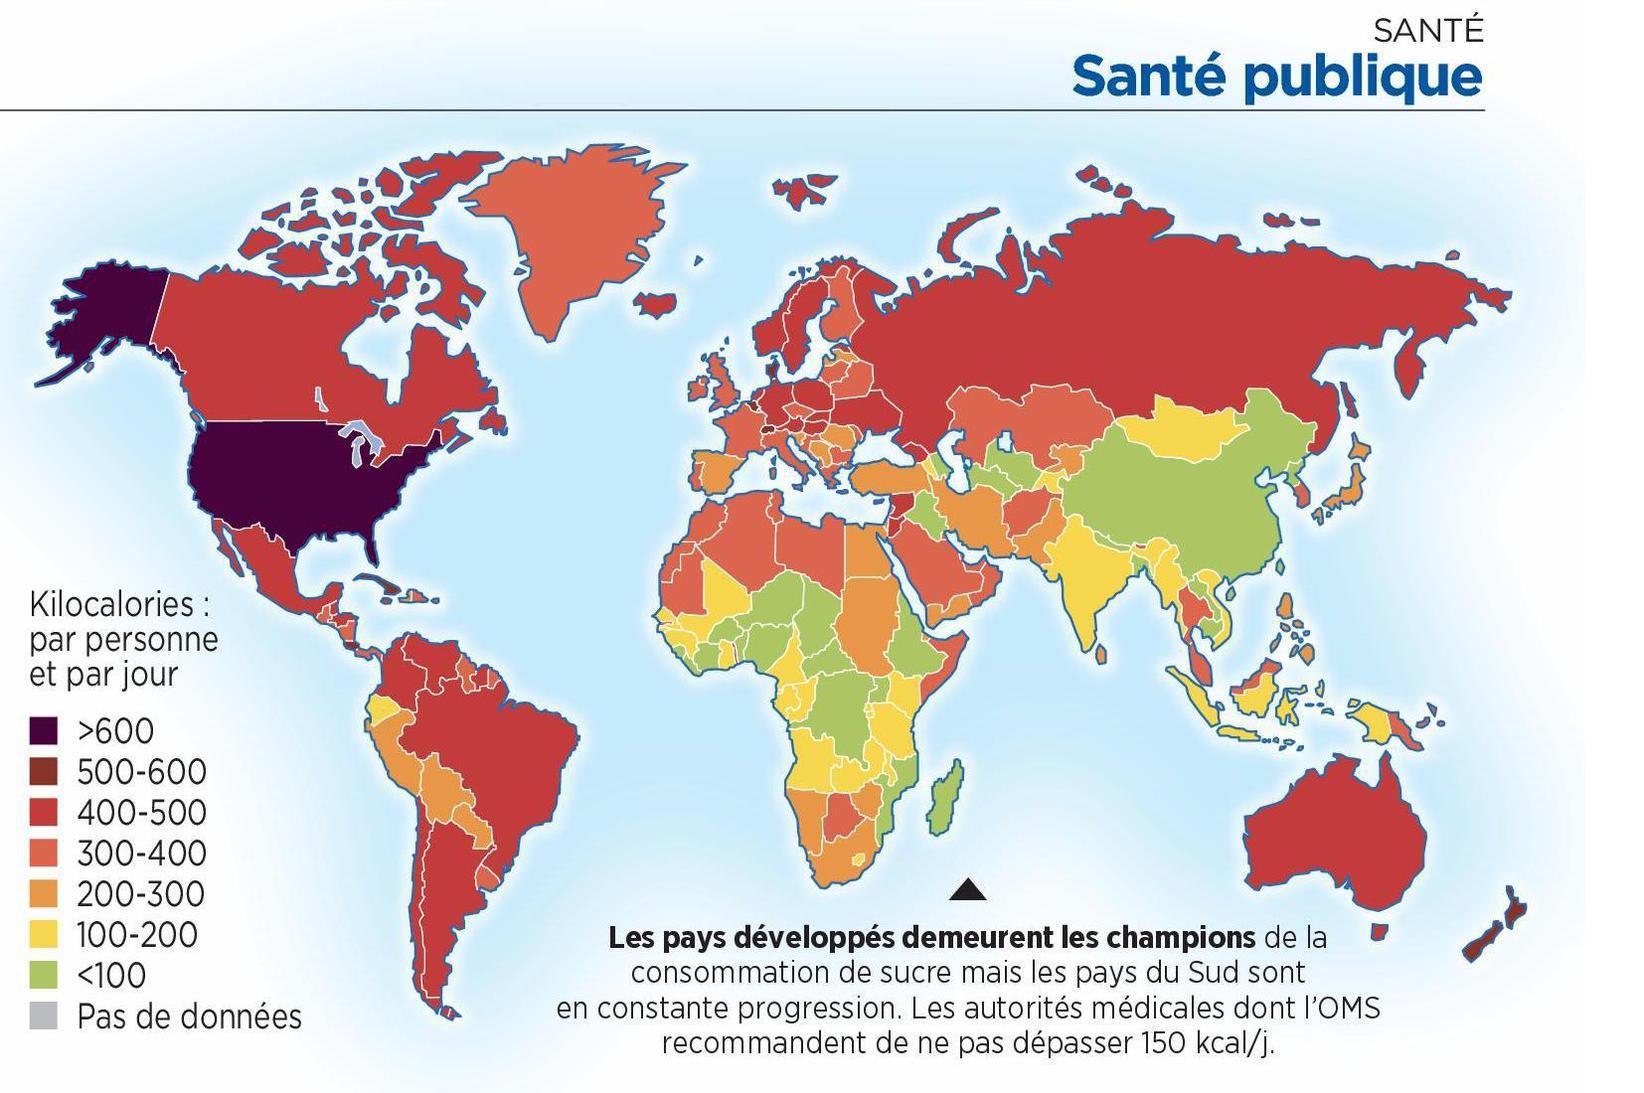 Les pays développés demeurent les champions de la consommation de sucre mais les pays du Sud sont en constante progression. Les autorités médicales dont l'OMS recommandent de ne pas dépasser 150 kcal/j.